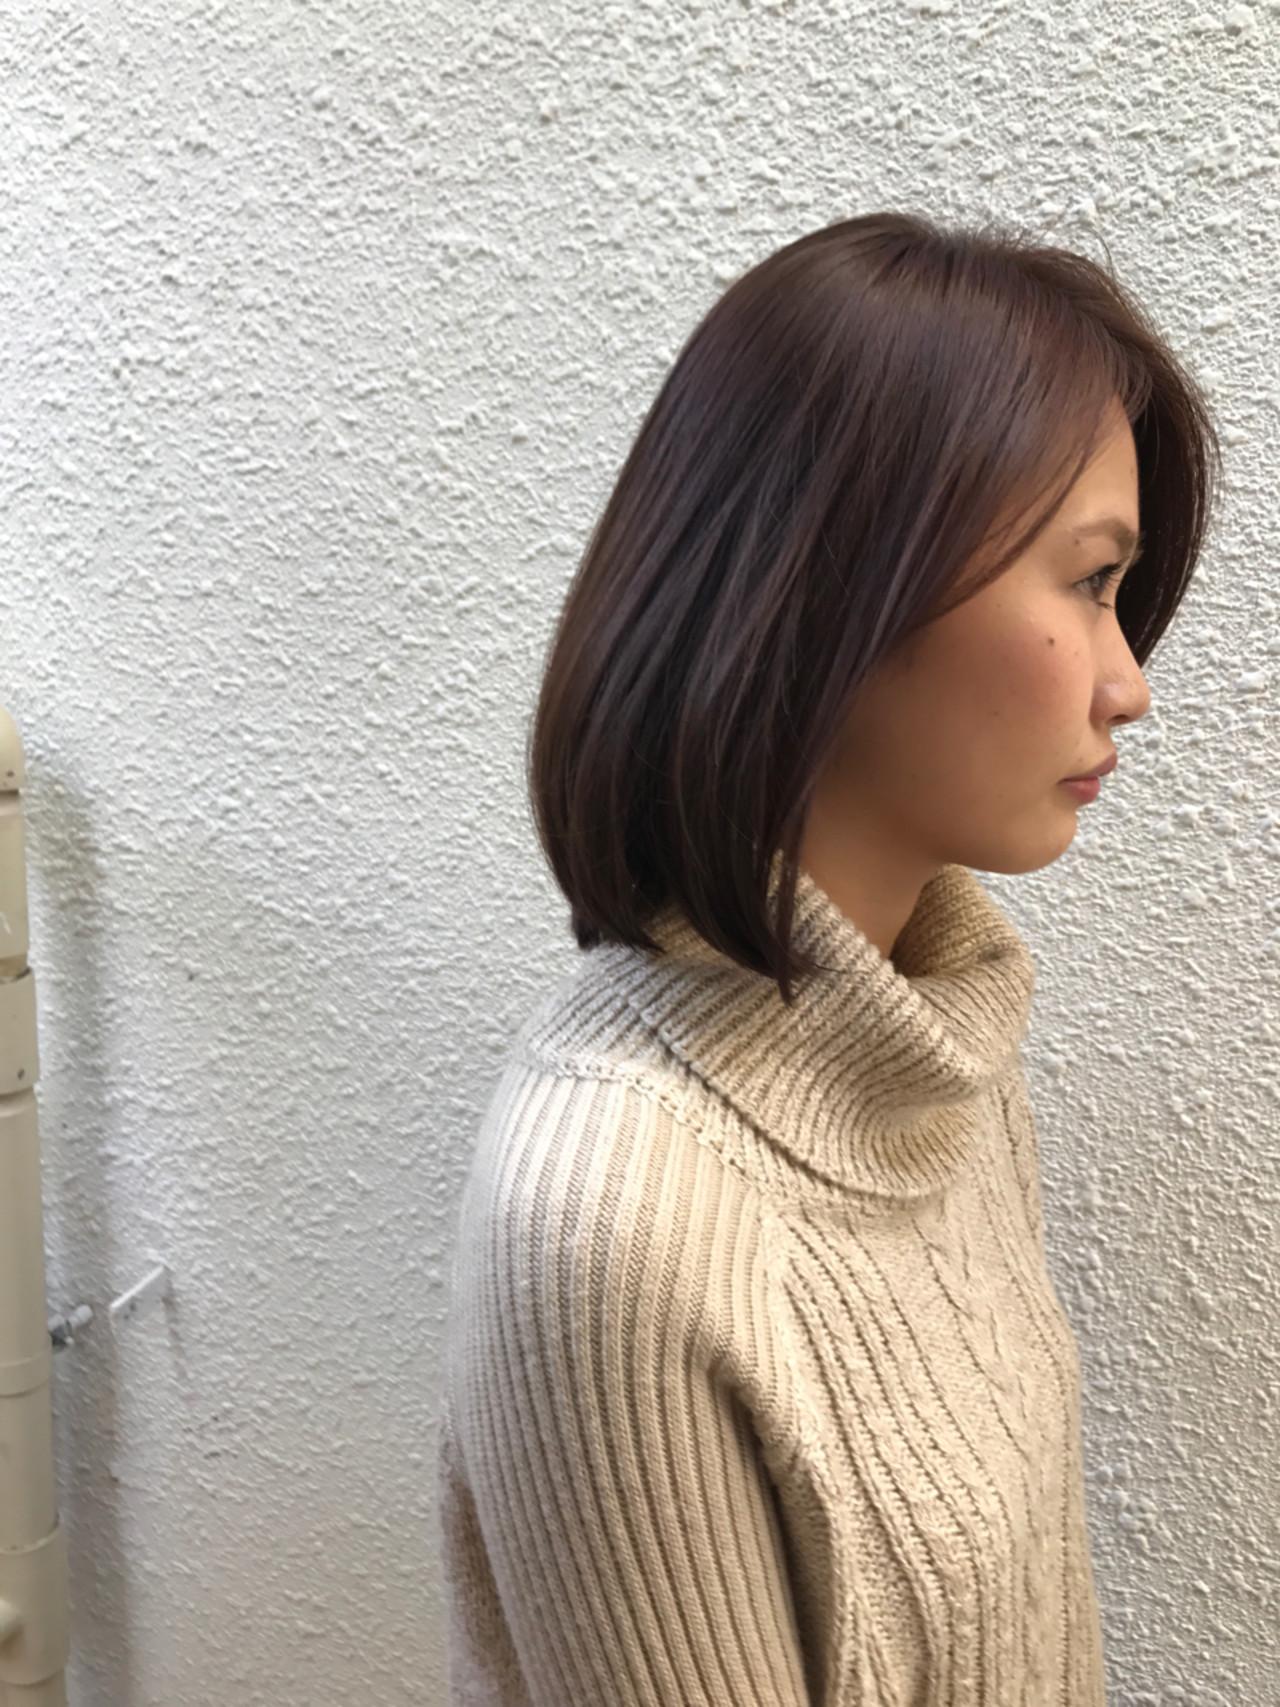 小顔 冬 色気 ナチュラル ヘアスタイルや髪型の写真・画像